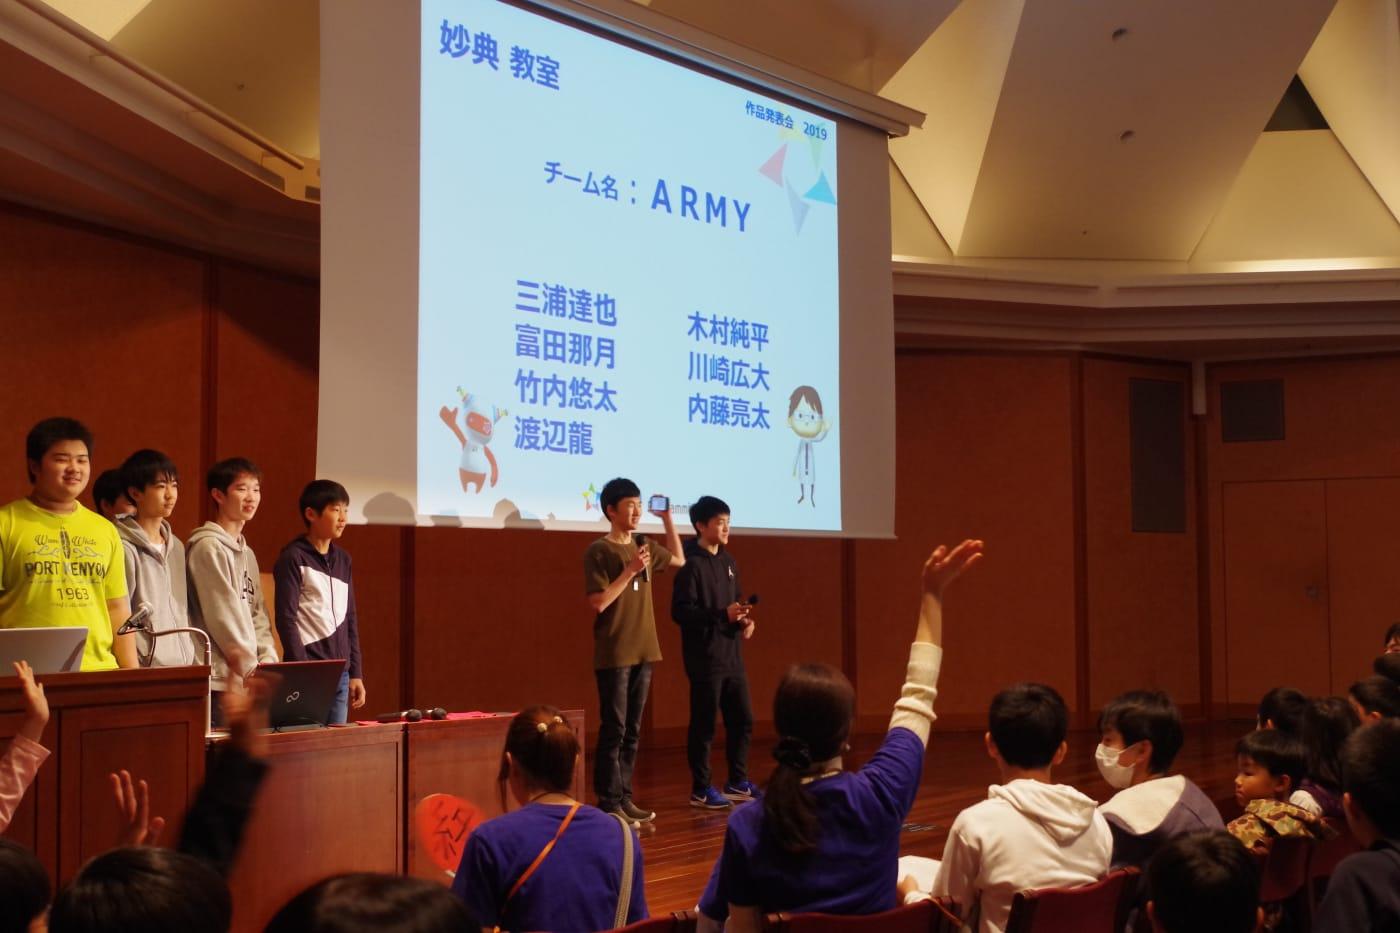 エキシビションで会場を盛り上げた「ARMY」のプレゼンの写真